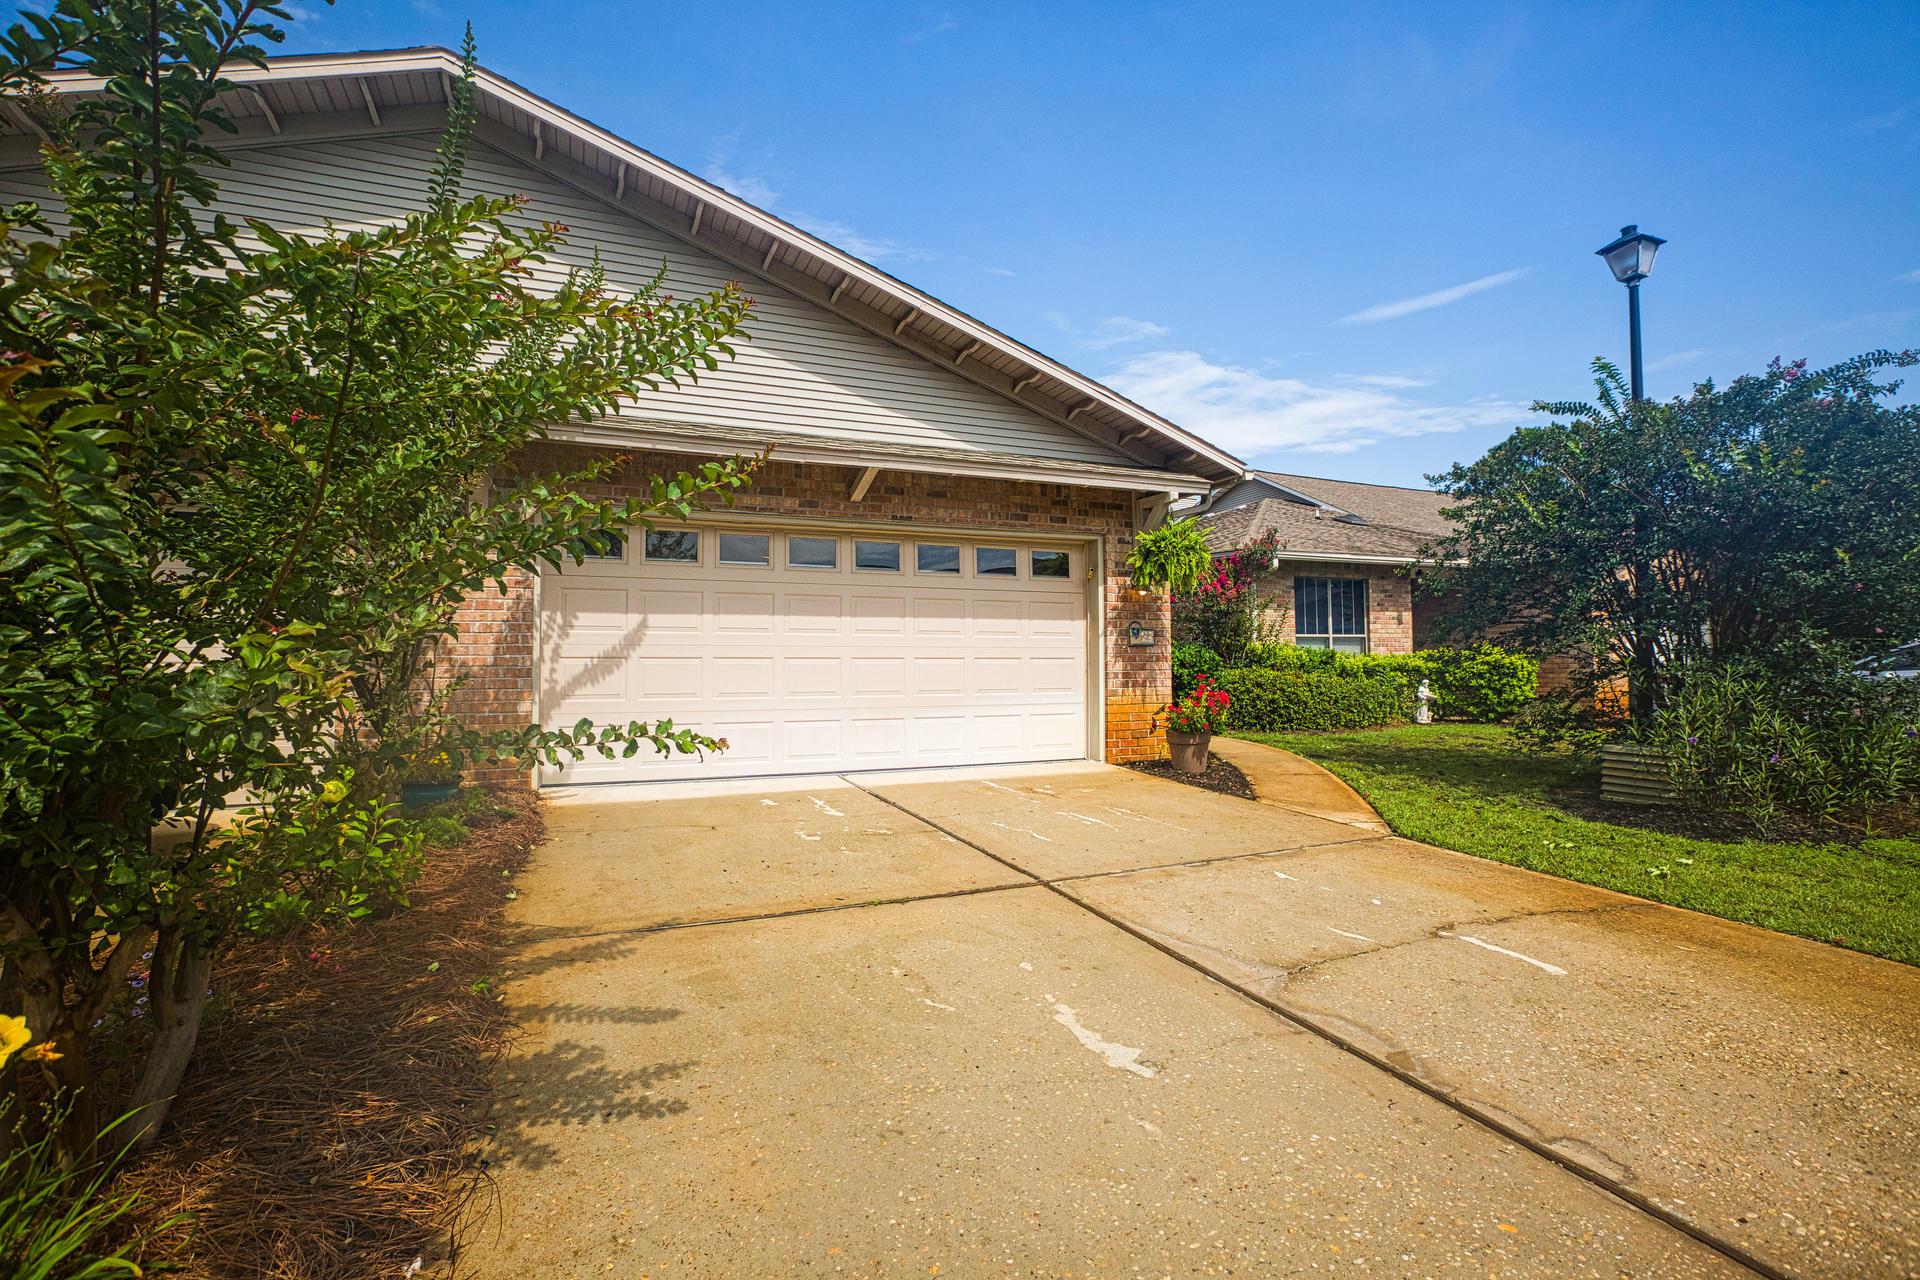 Photo of home for sale at 21 Corte Pino, Santa Rosa Beach FL